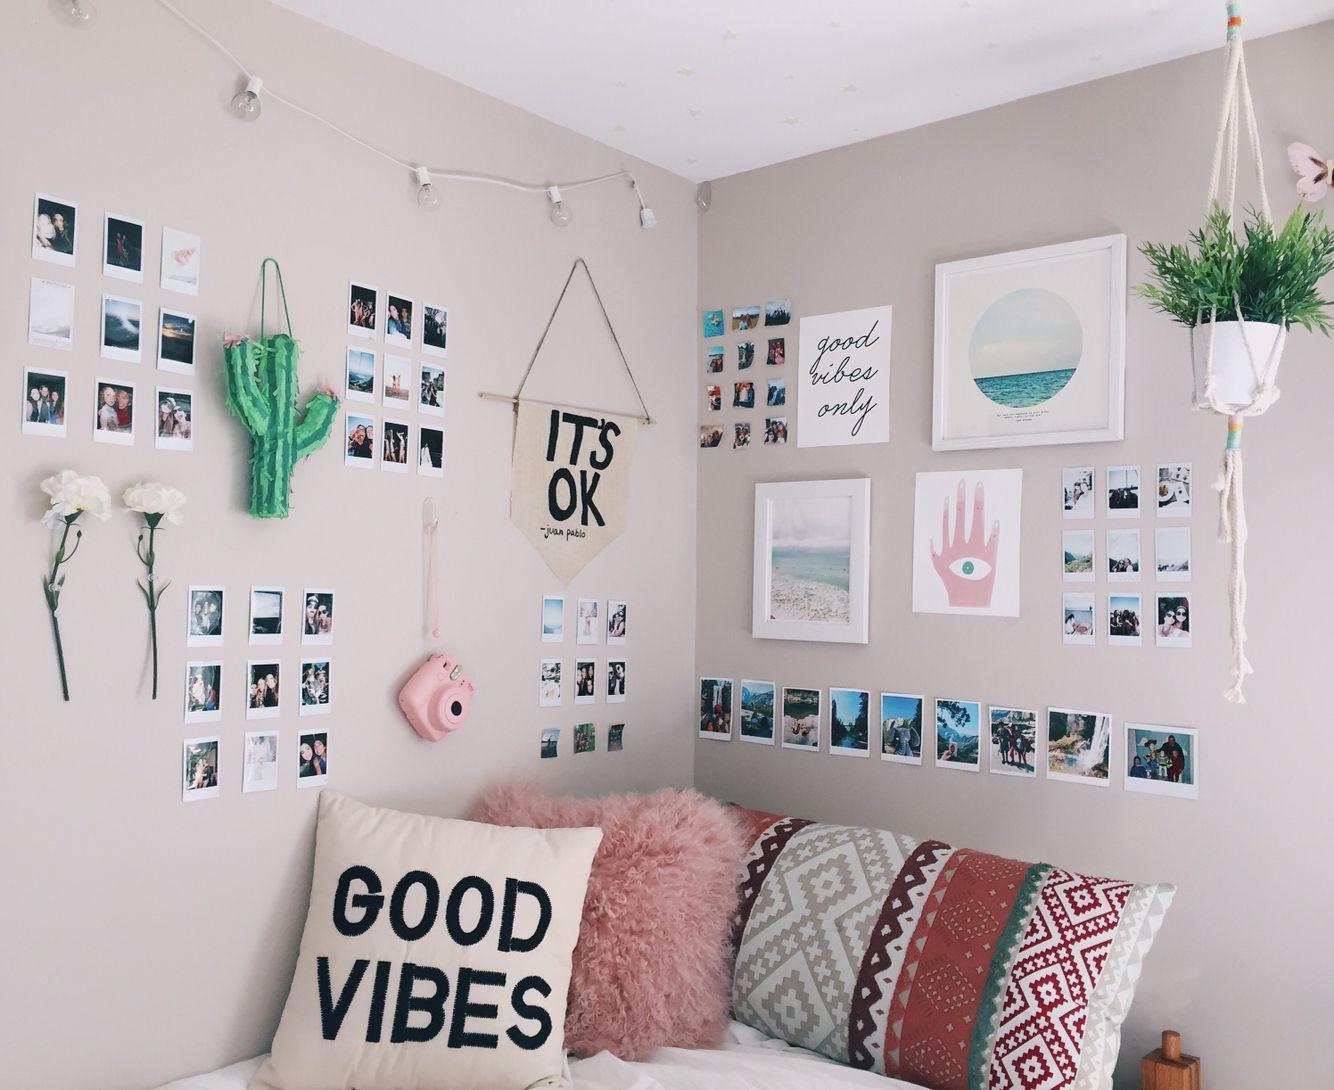 Home-office-schlafzimmer-design-ideen my room  room sweet room uc  pinterest  einrichtung schlafzimmer